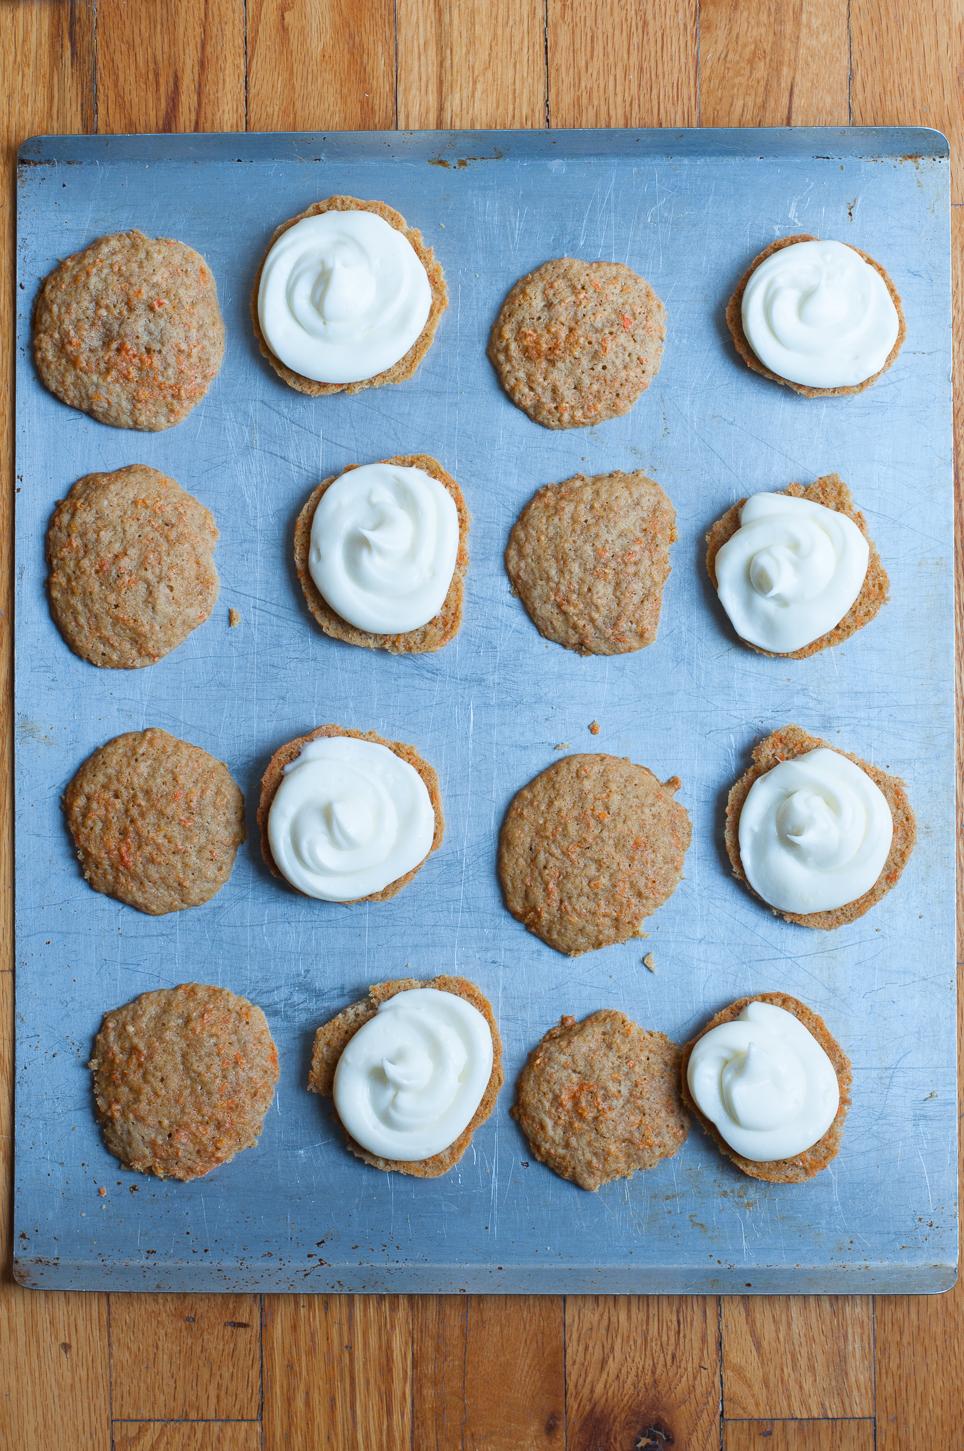 Möhrenkuchen Whoopie Pies sind leckere Sandwich-Cookies gefüllt mit einer Frischkäsecreme